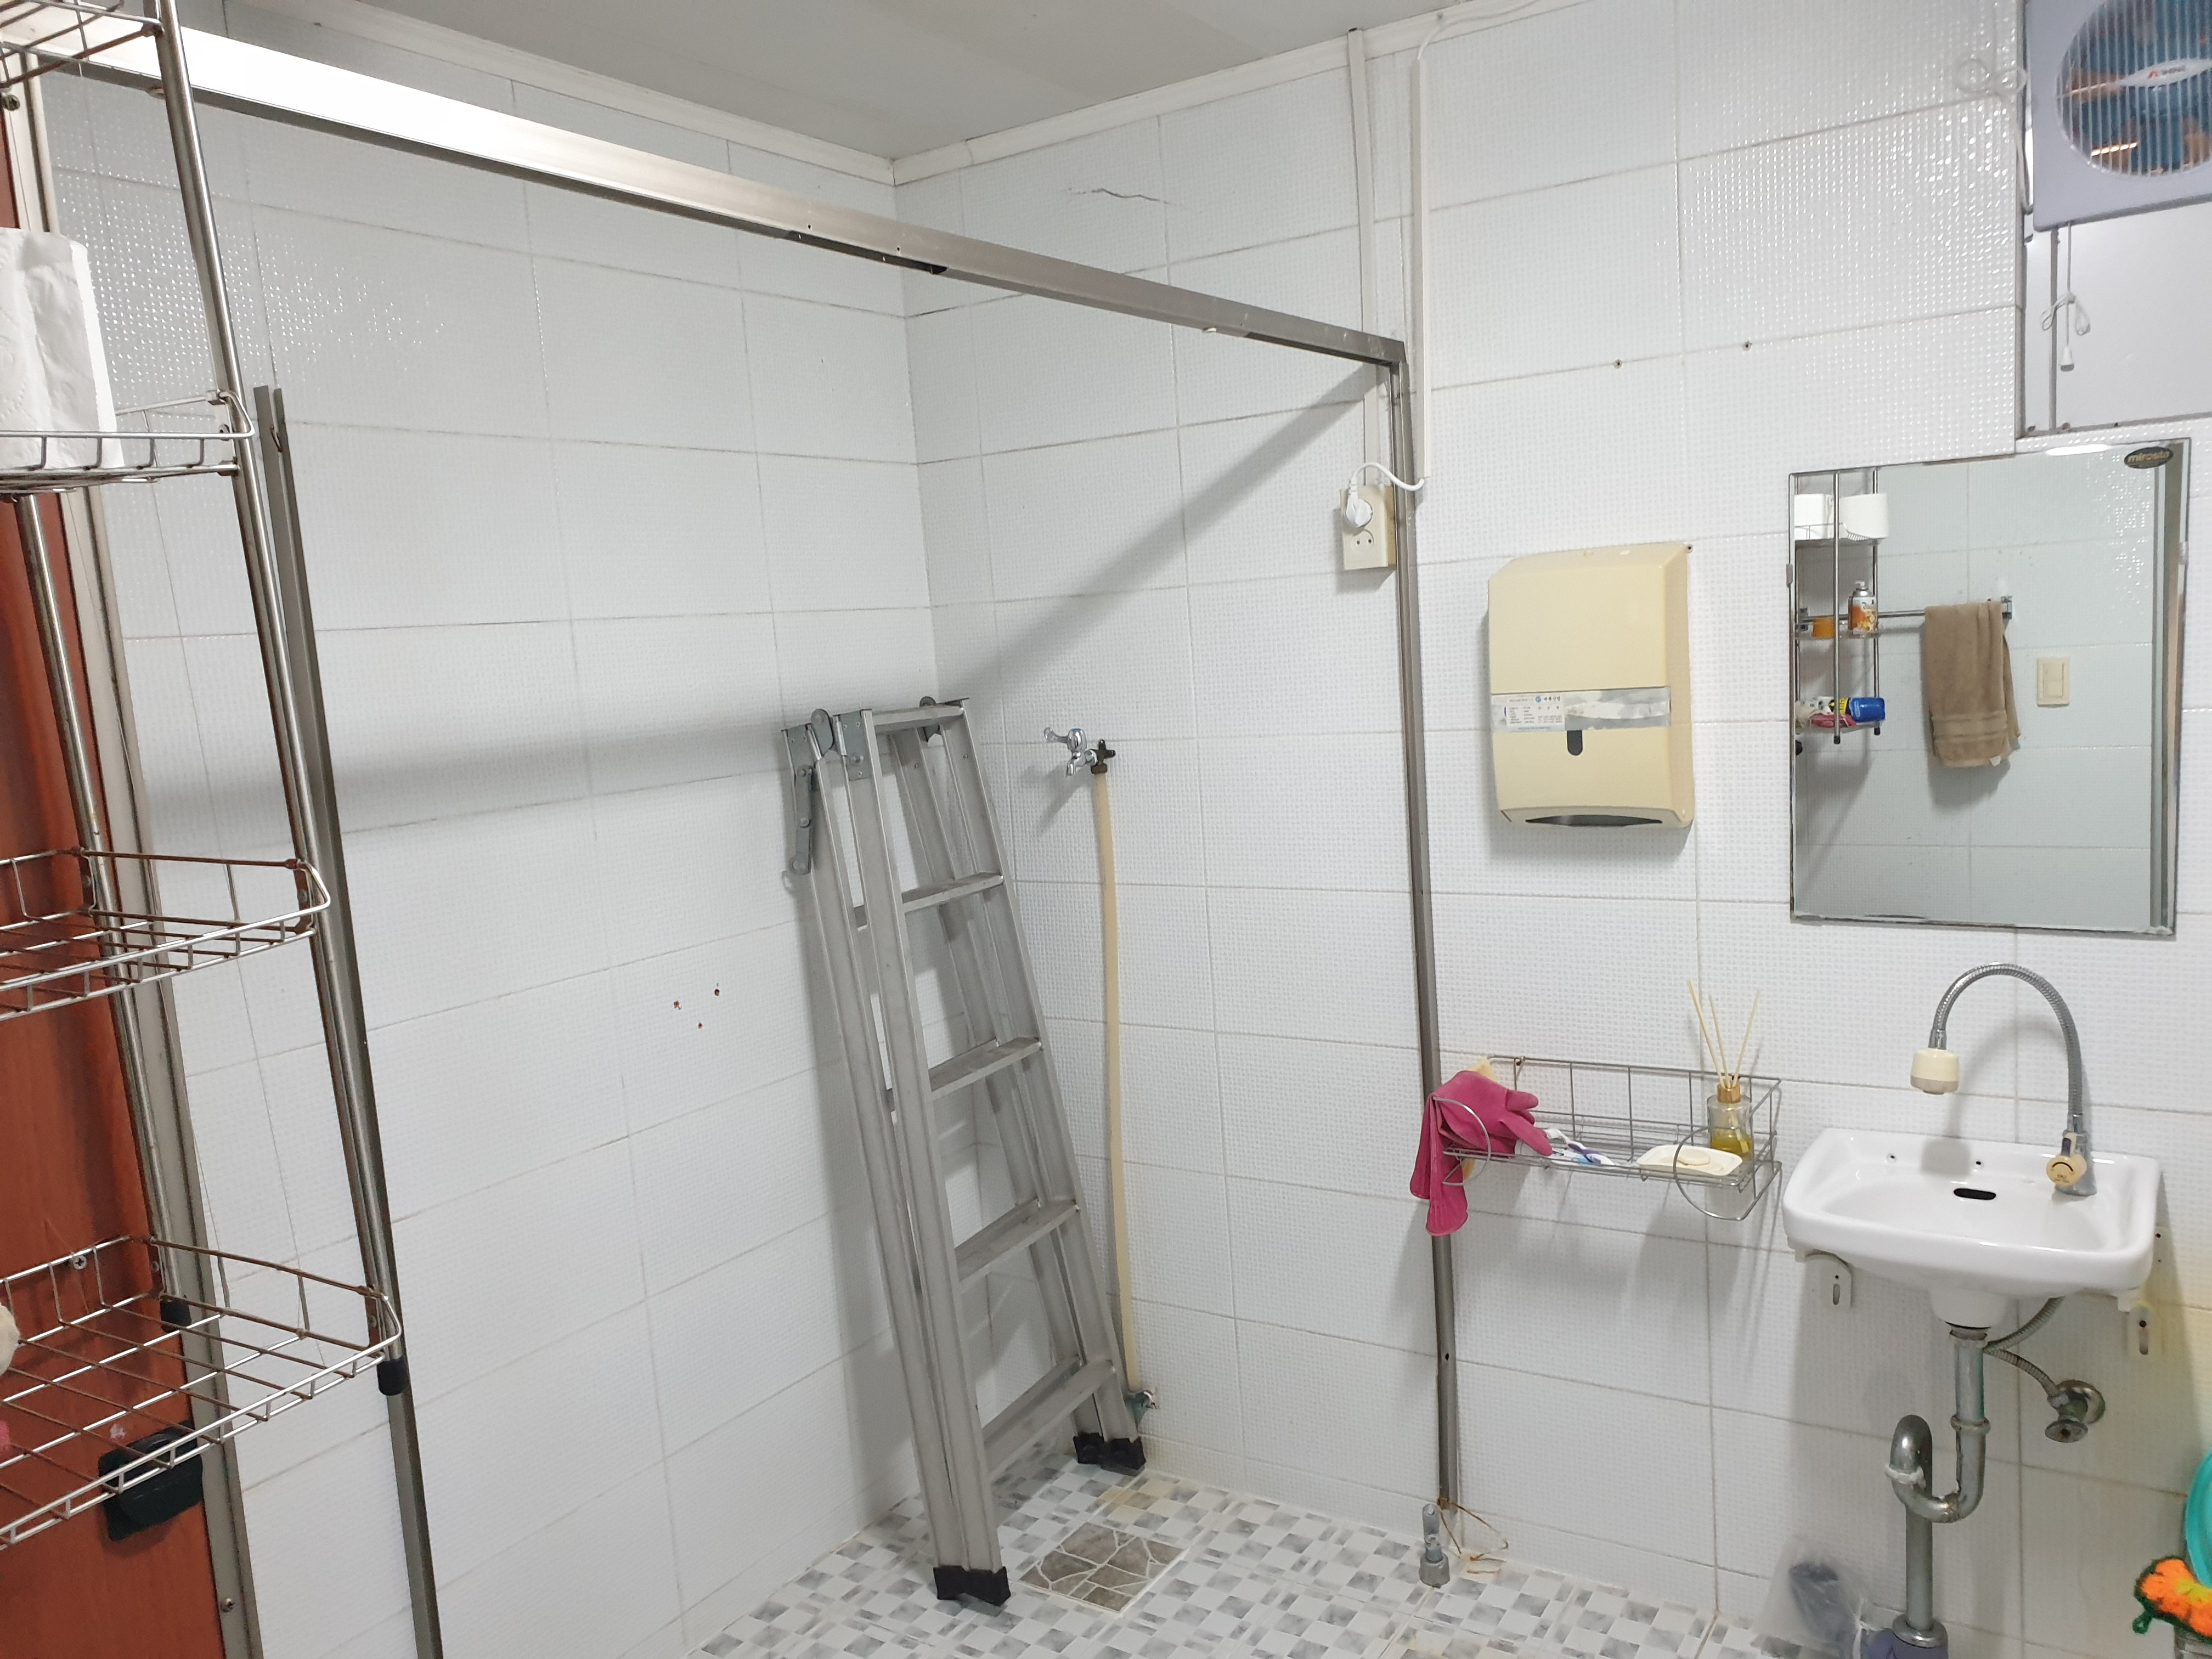 6 번째 사진 단독주택 에  연면적344.98 ㎡ 부산 남구 동명로 석면조사 현장